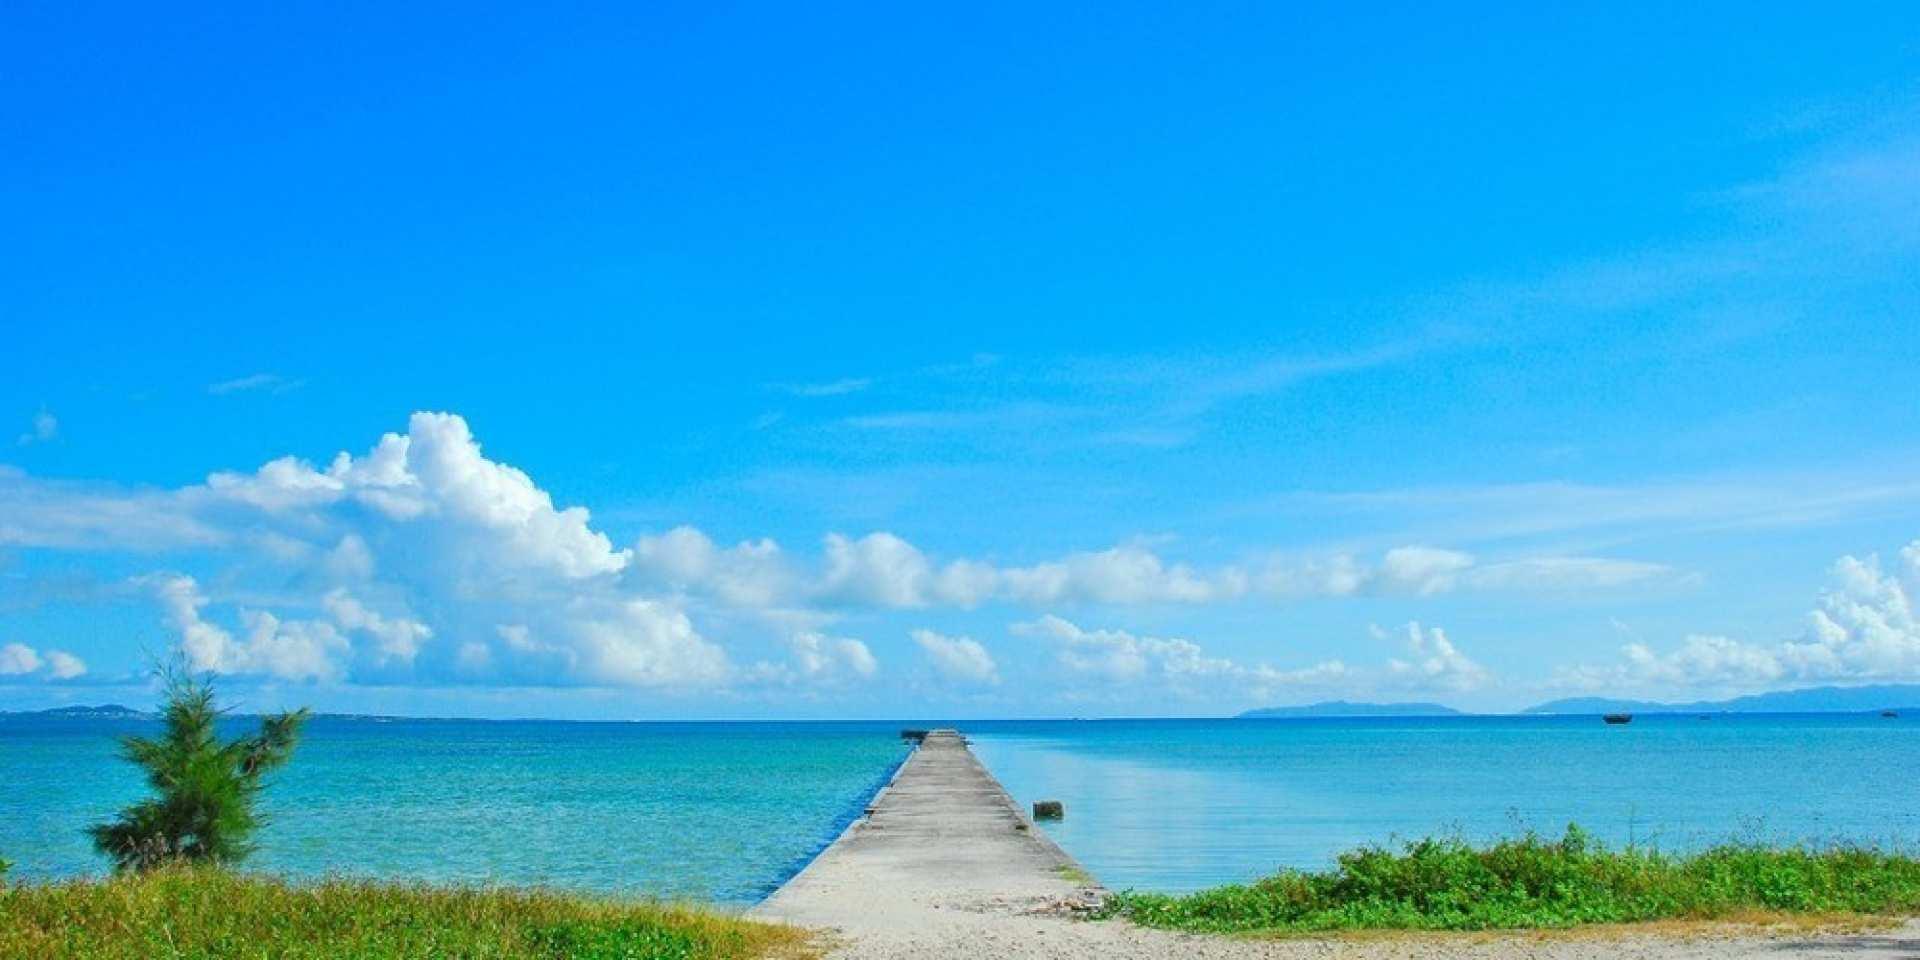 石垣島発|ハートアイランド・黒島サイクリングツアー